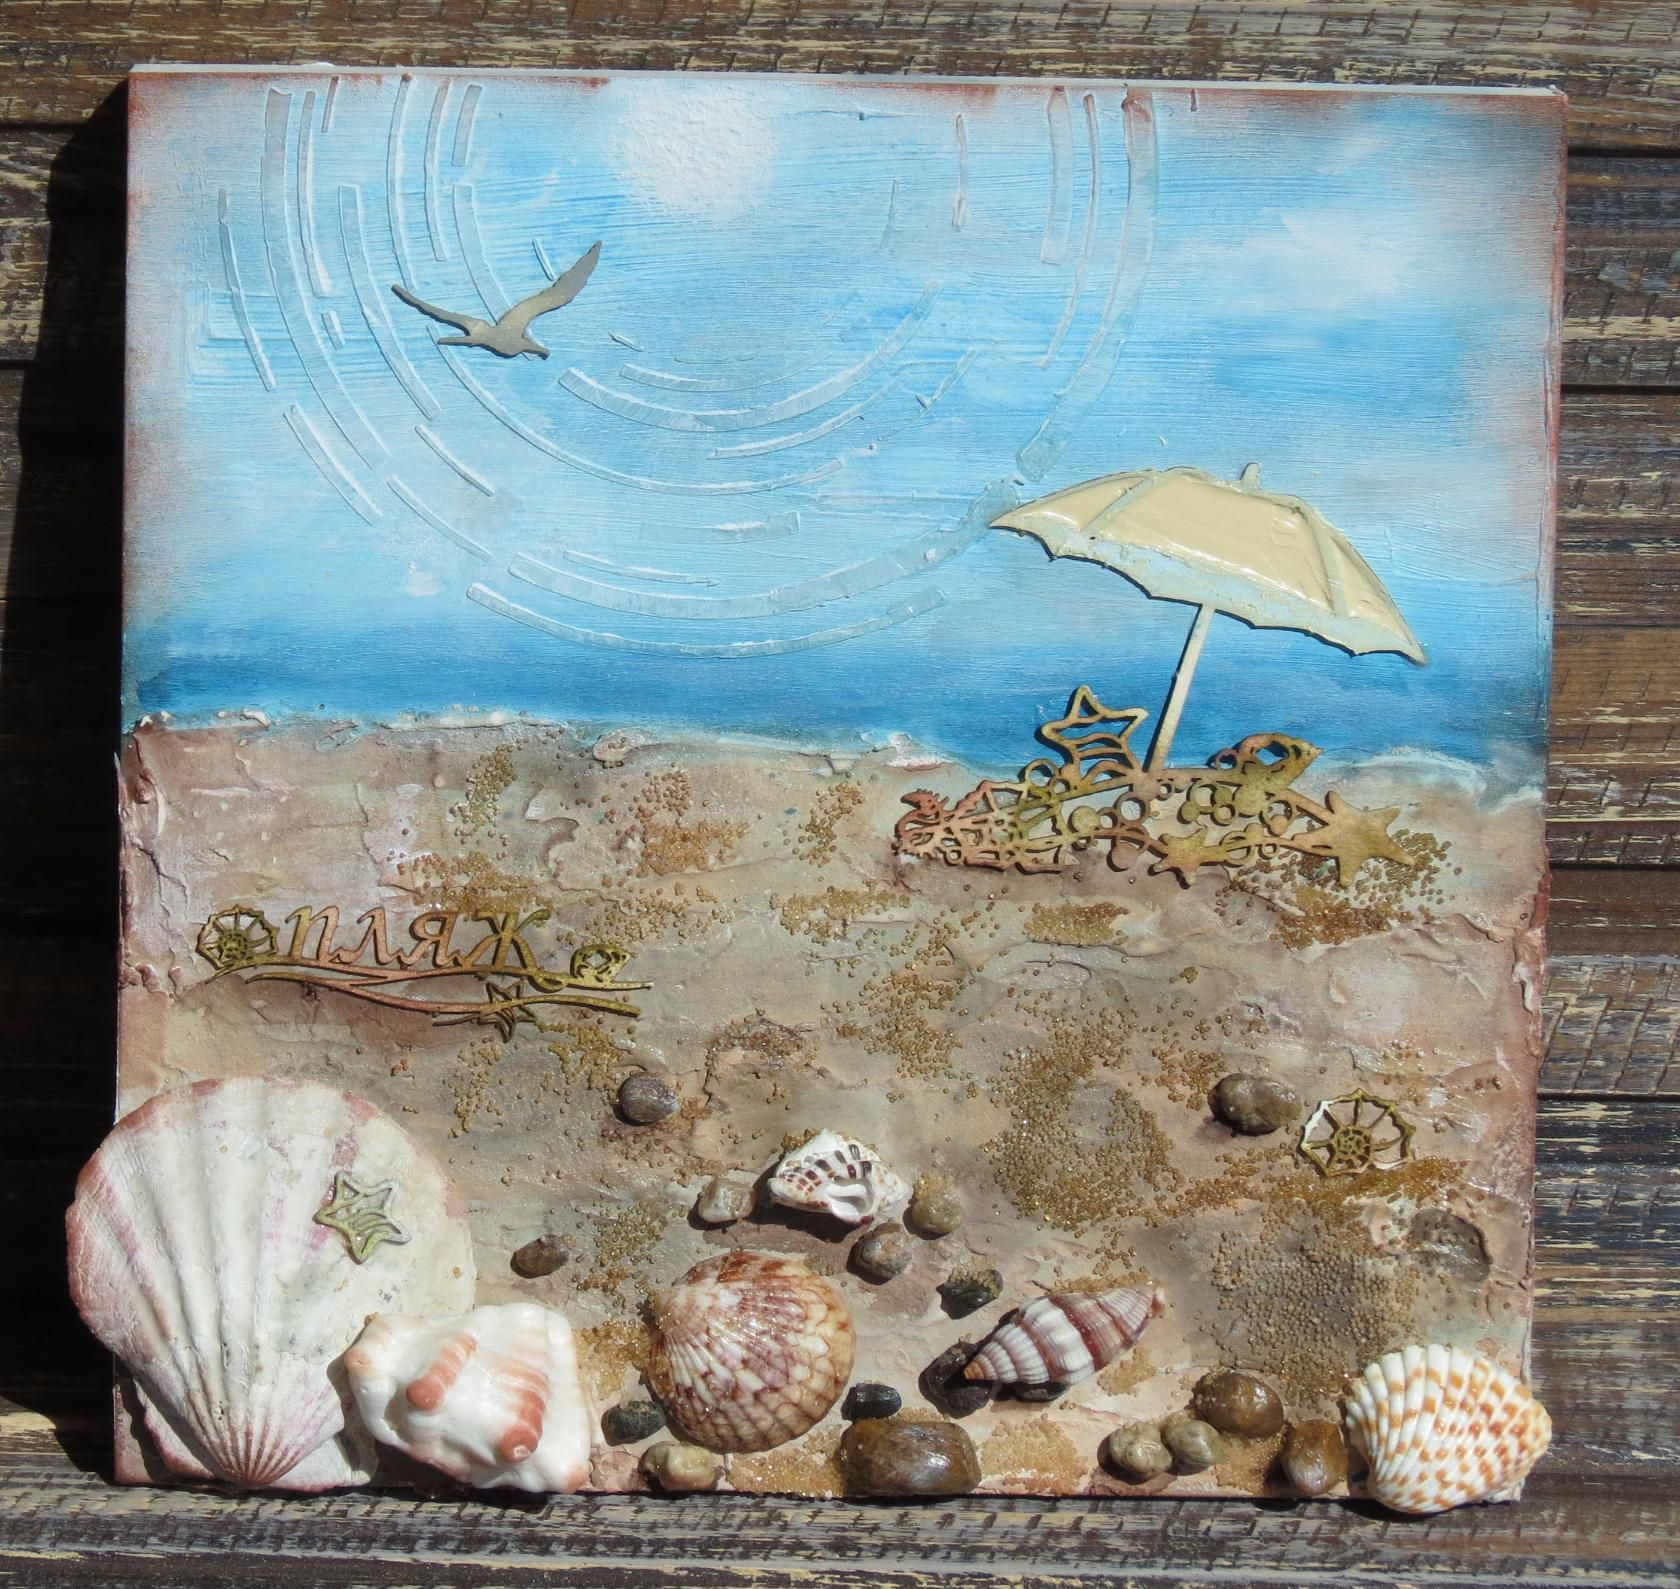 многие картинки поделки на морскую тему позировала